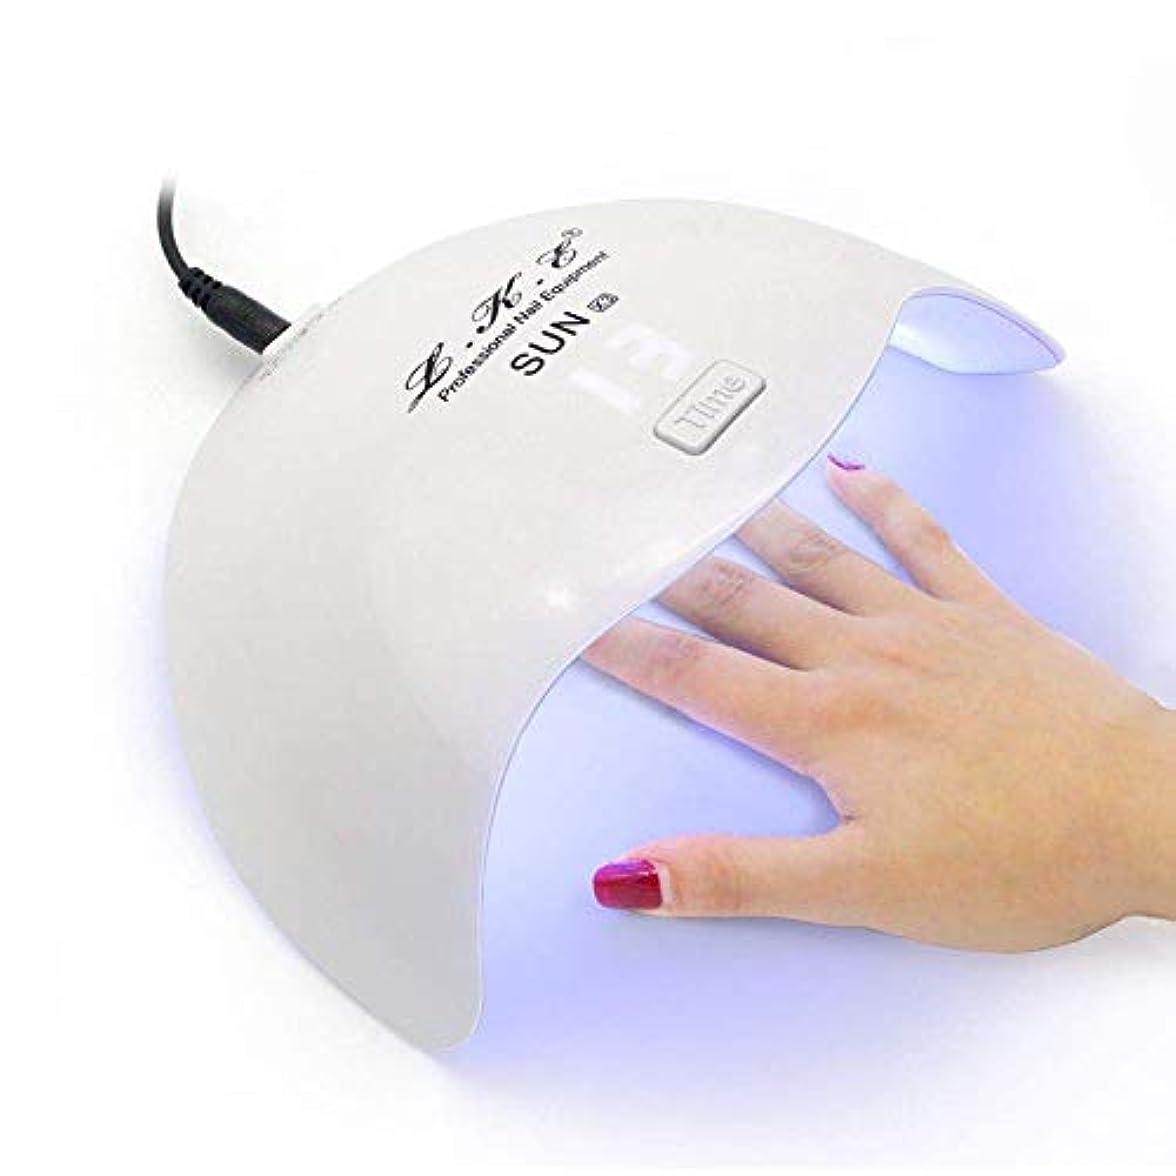 ミス再生的アルファベット順ネイルドライヤーミニ24W UV LEDランプ硬化ネイルジェルポリッシュ誘導タイマーネイルアートツール家庭用機器用、絵のように色